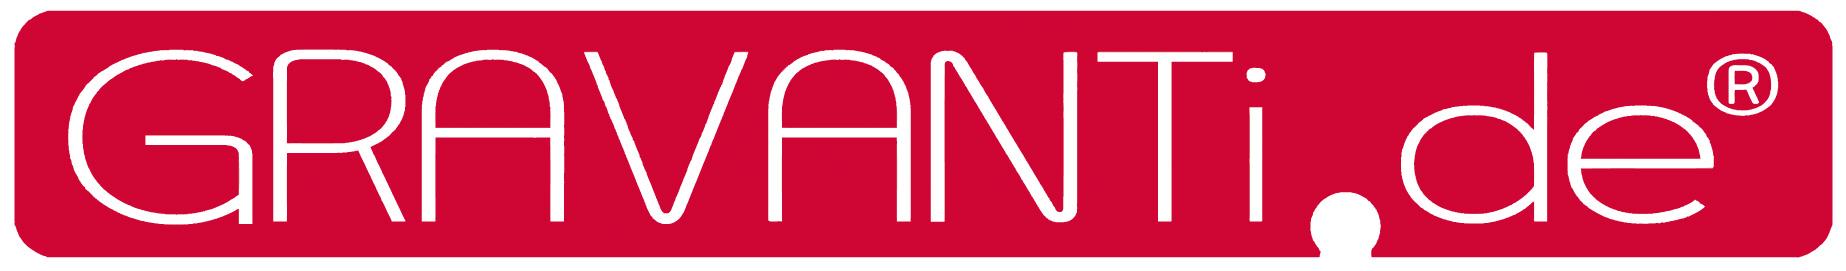 wirgravierendeutschland.de-Logo